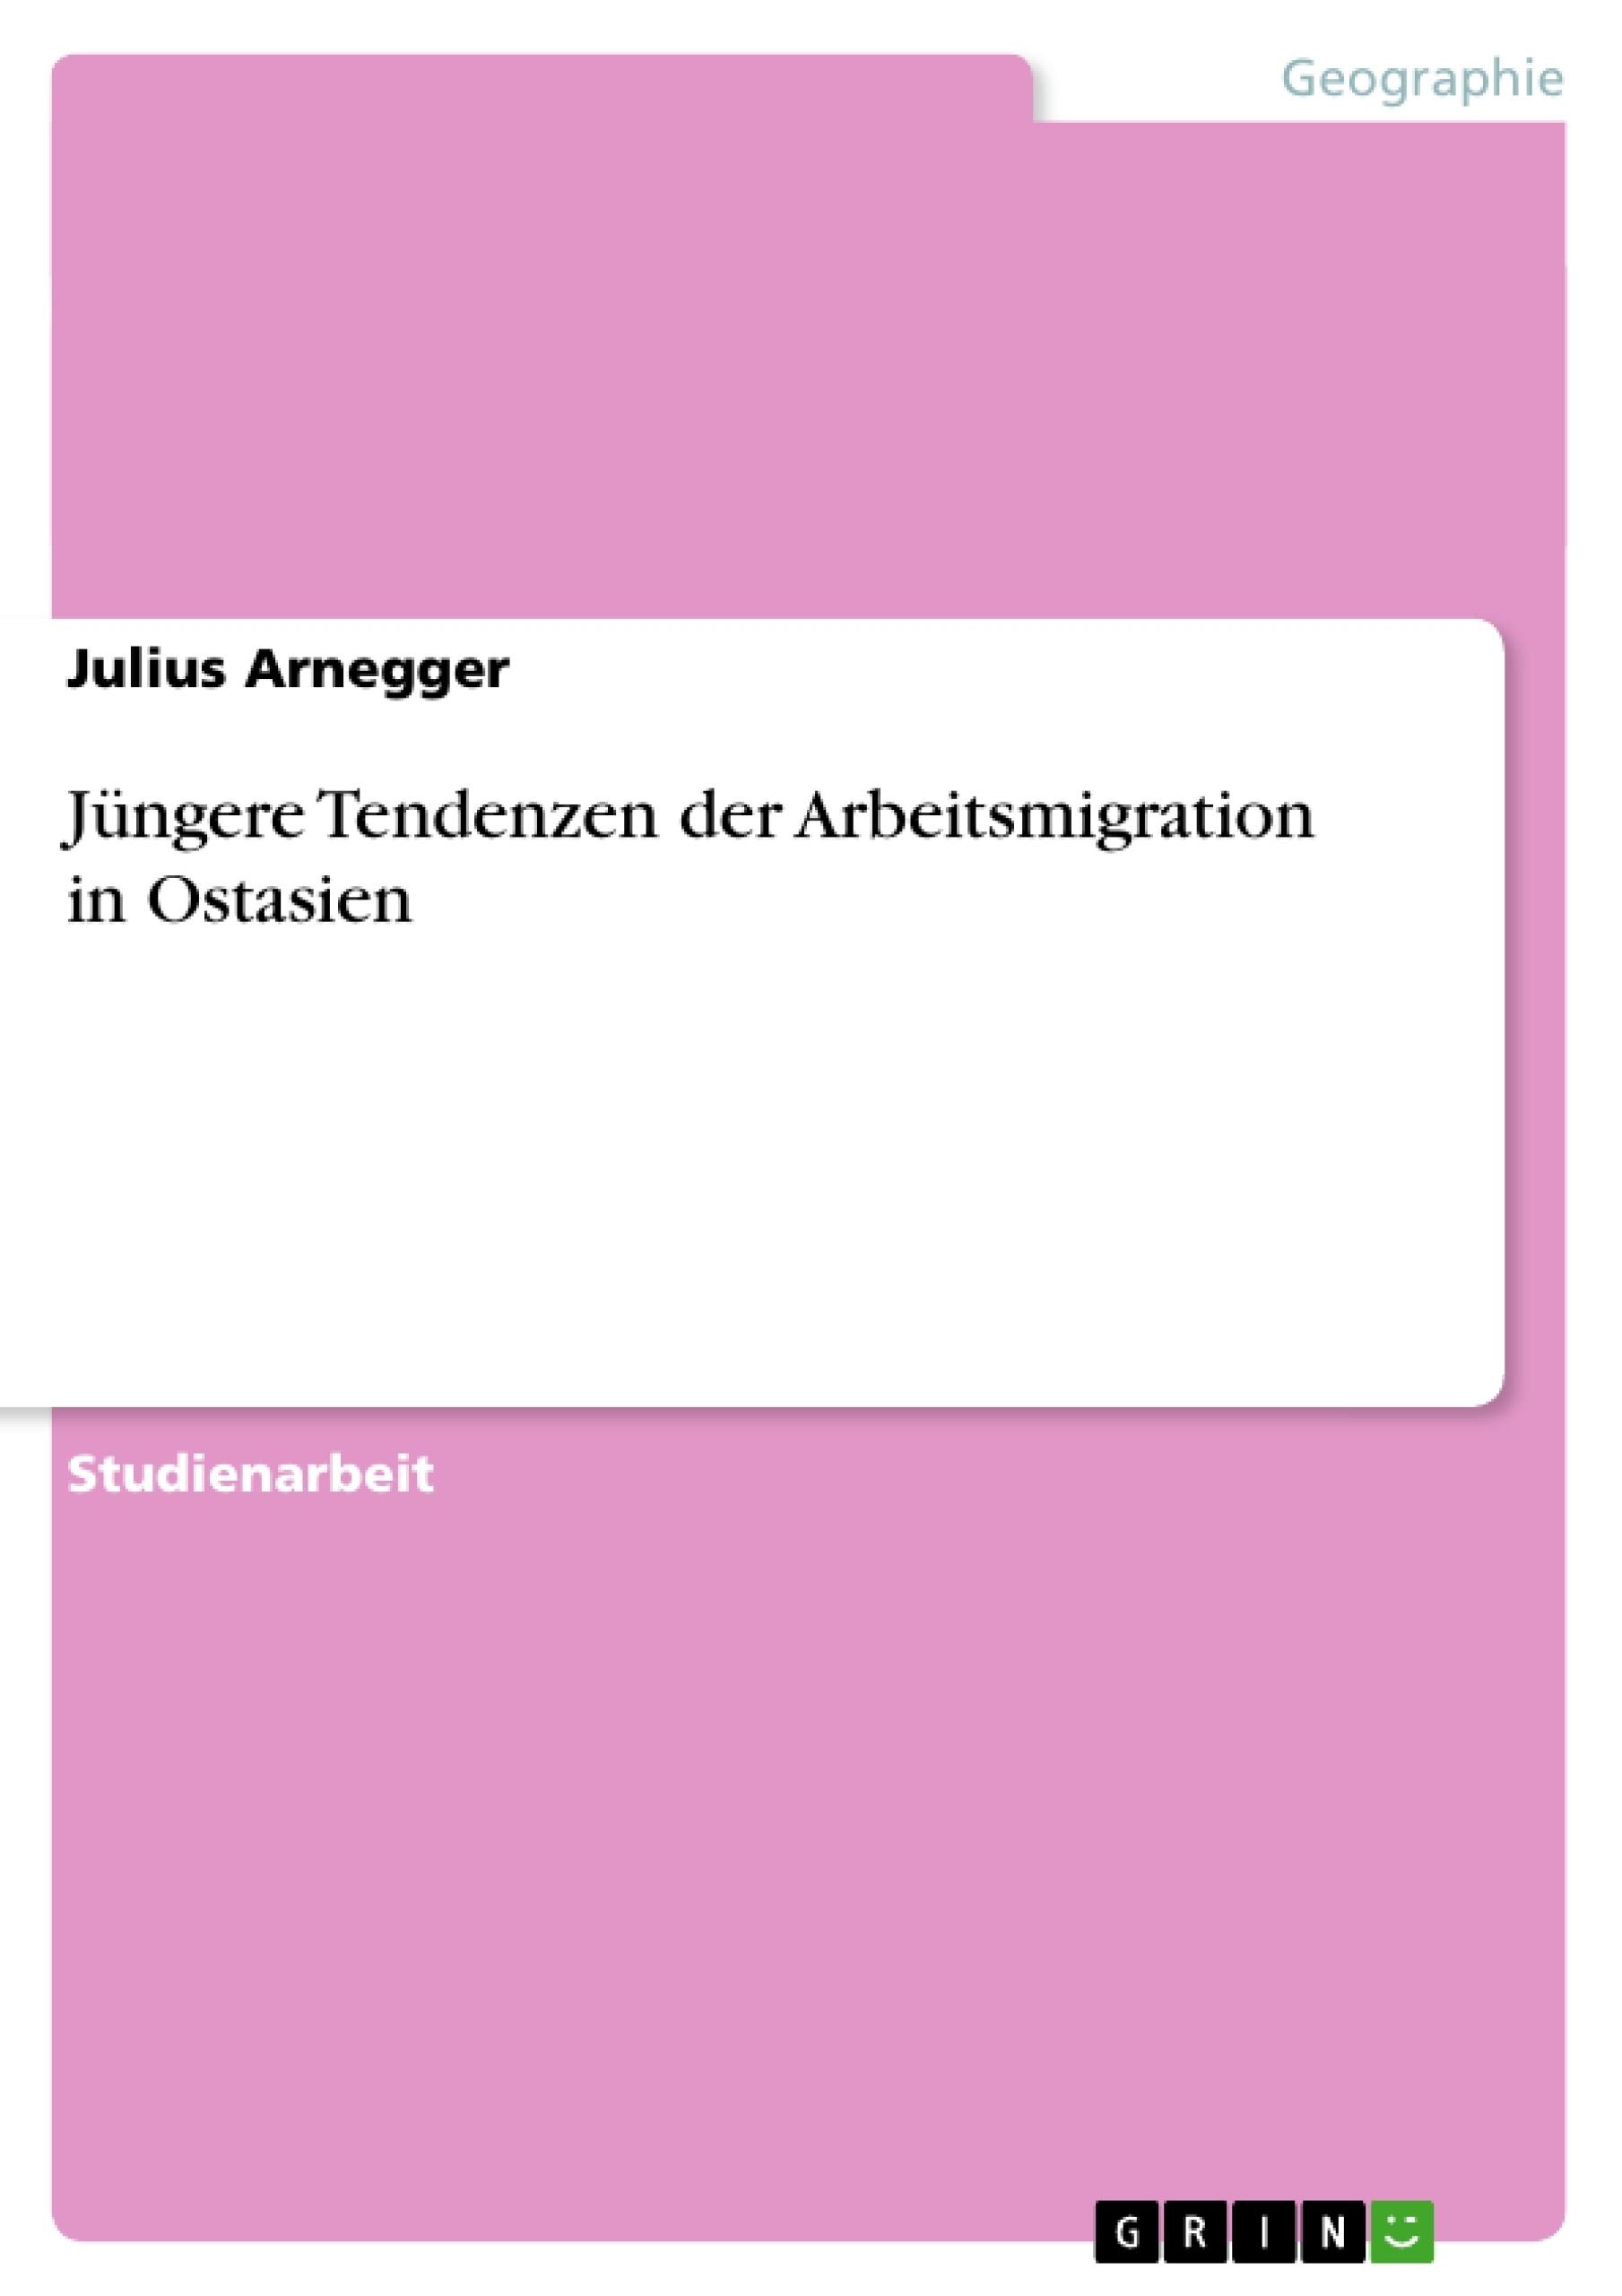 Titel: Jüngere Tendenzen der Arbeitsmigration in Ostasien